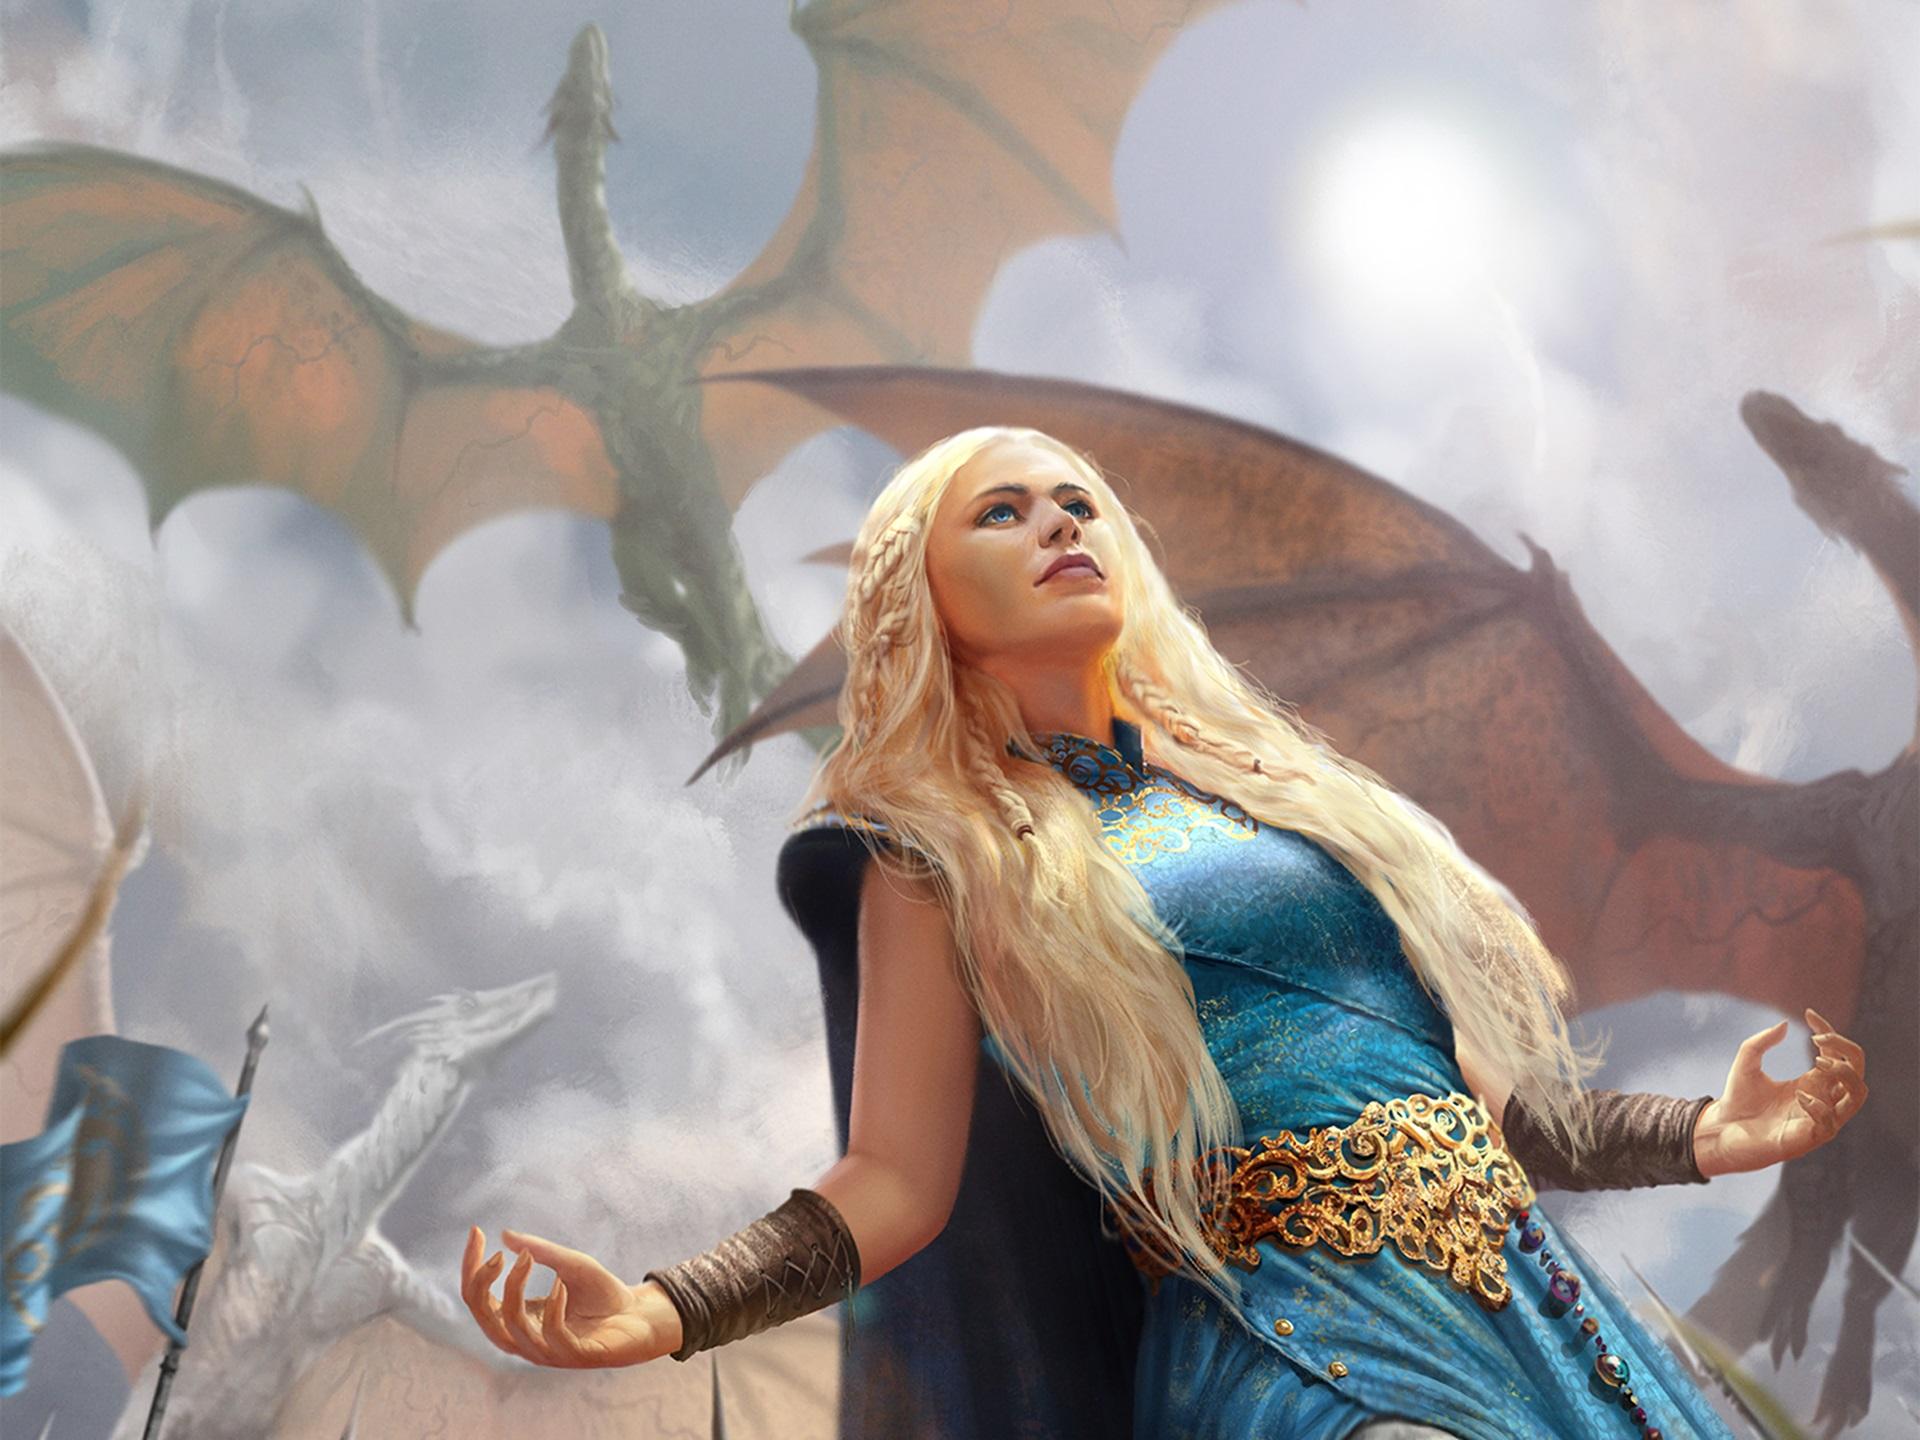 Wallpaper Game Of Thrones Daenerys Targaryen Women Blonde